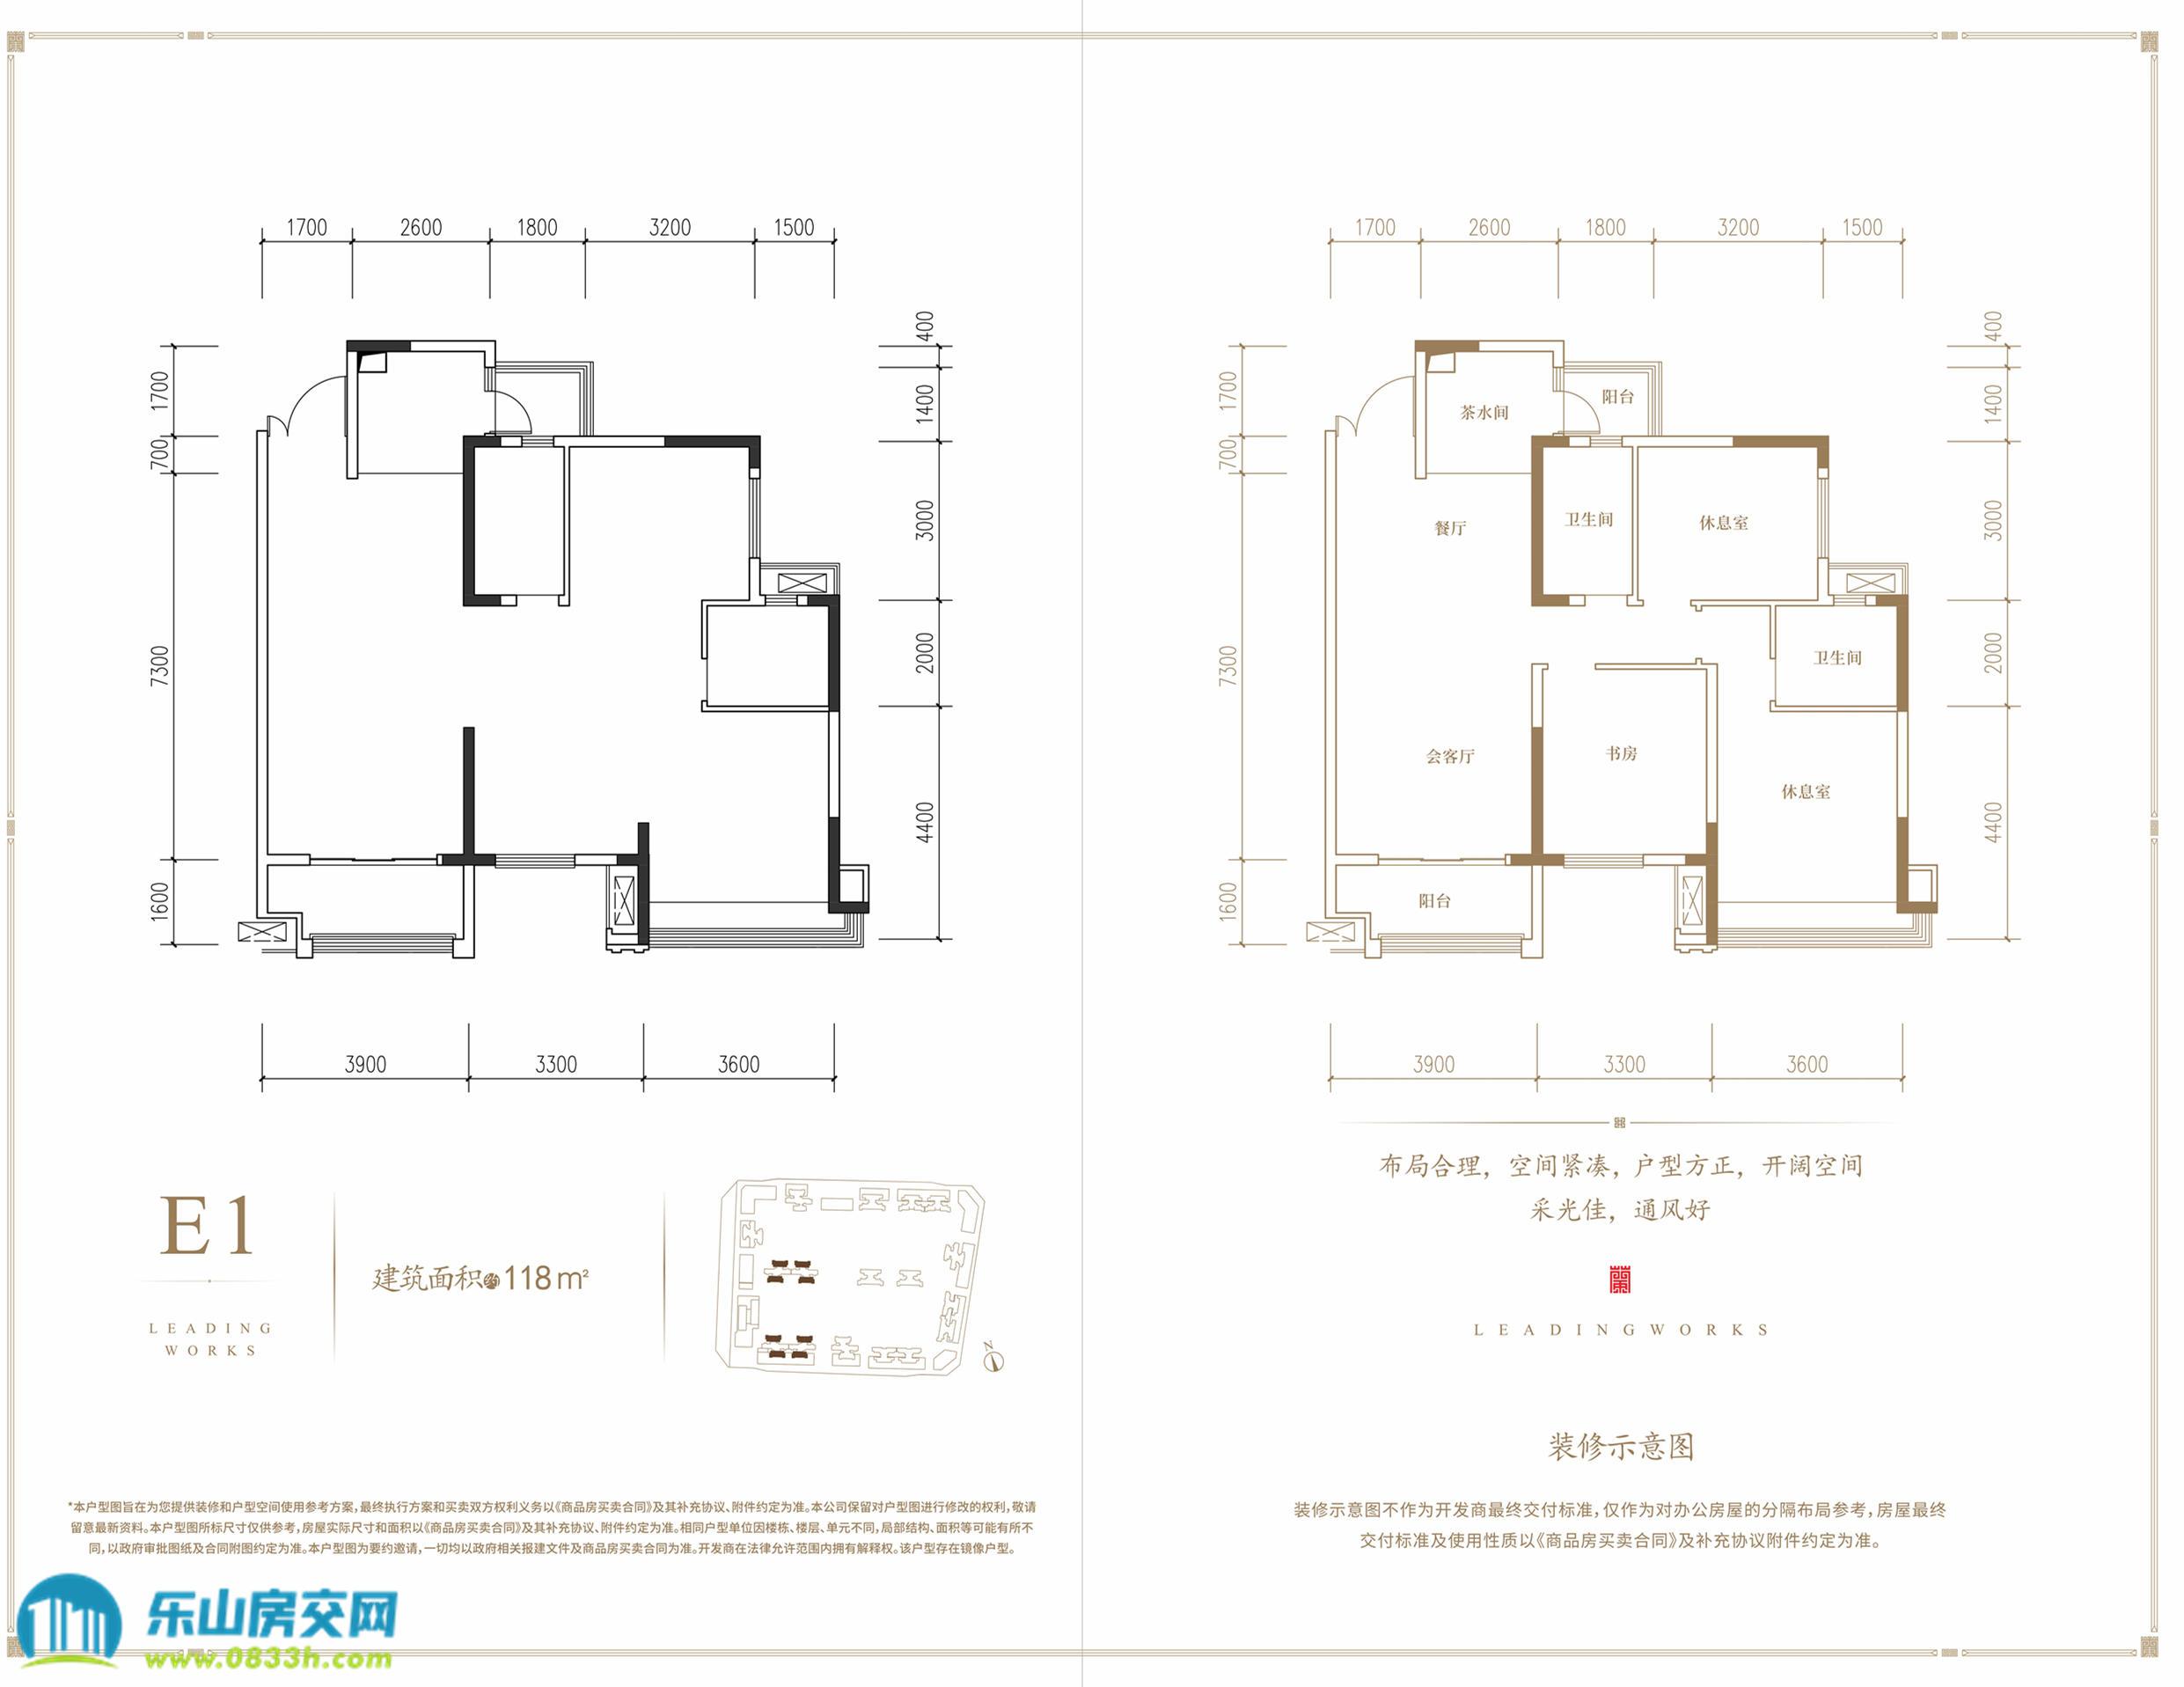 E1户型图(类住宅)